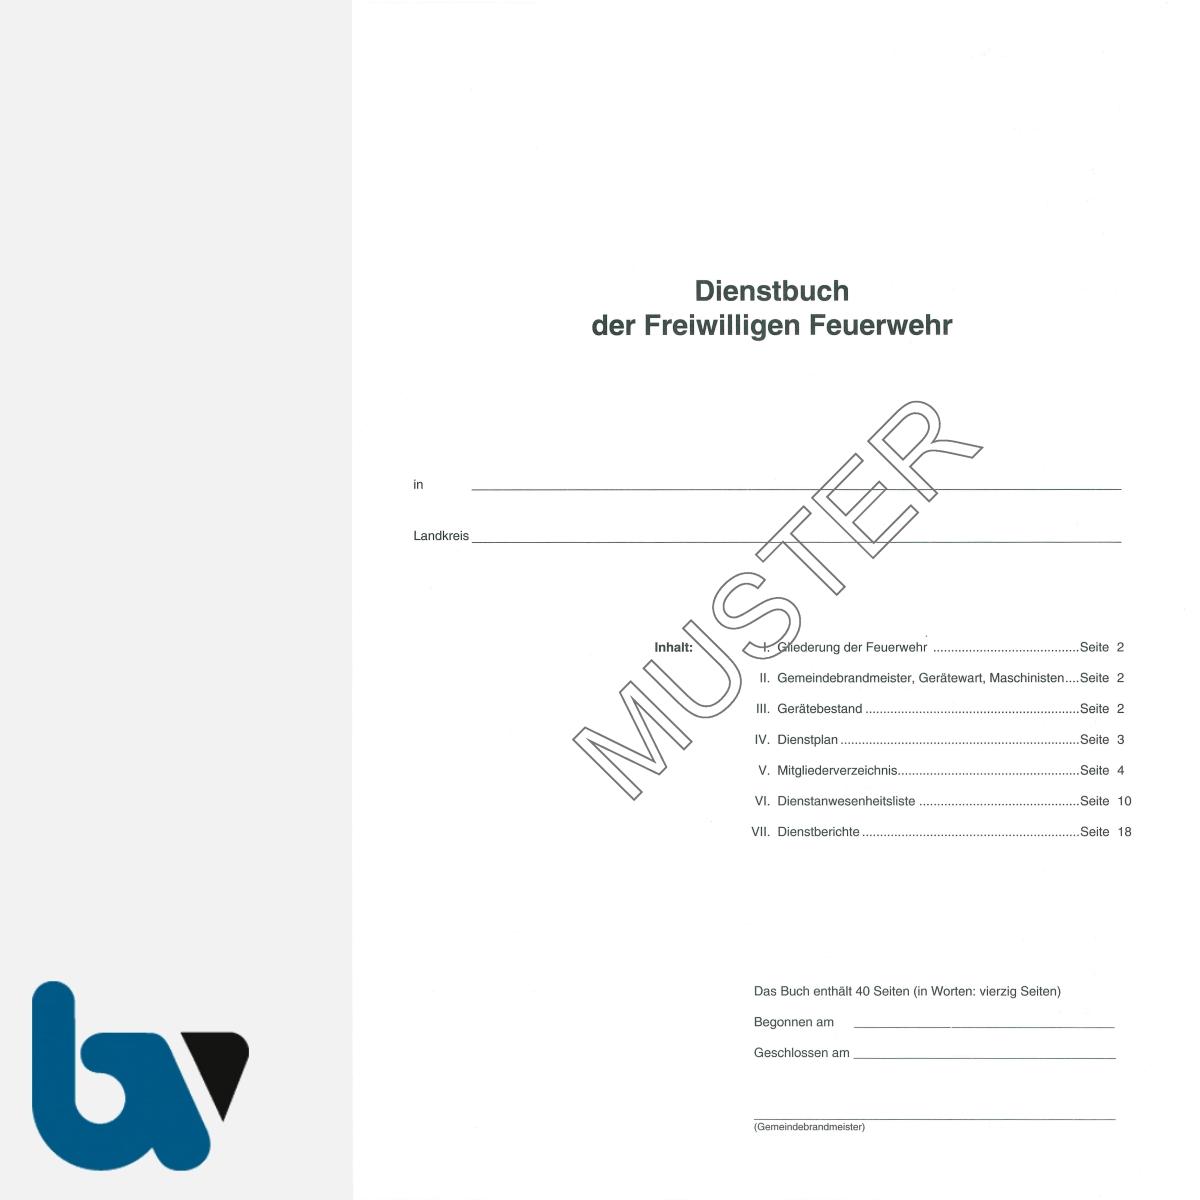 0/468-1 Dienstbuch Freiwillige Feuerwehr Bericht rot Umschlag wetterfest beschichtet 40 Seiten DIN A4 Seite 1 | Borgard Verlag GmbH